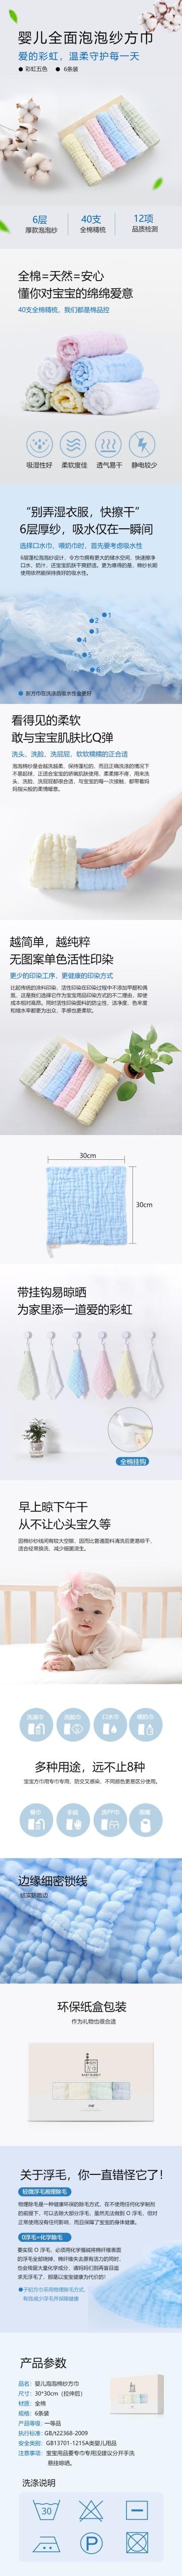 简约清新方巾电商详情页